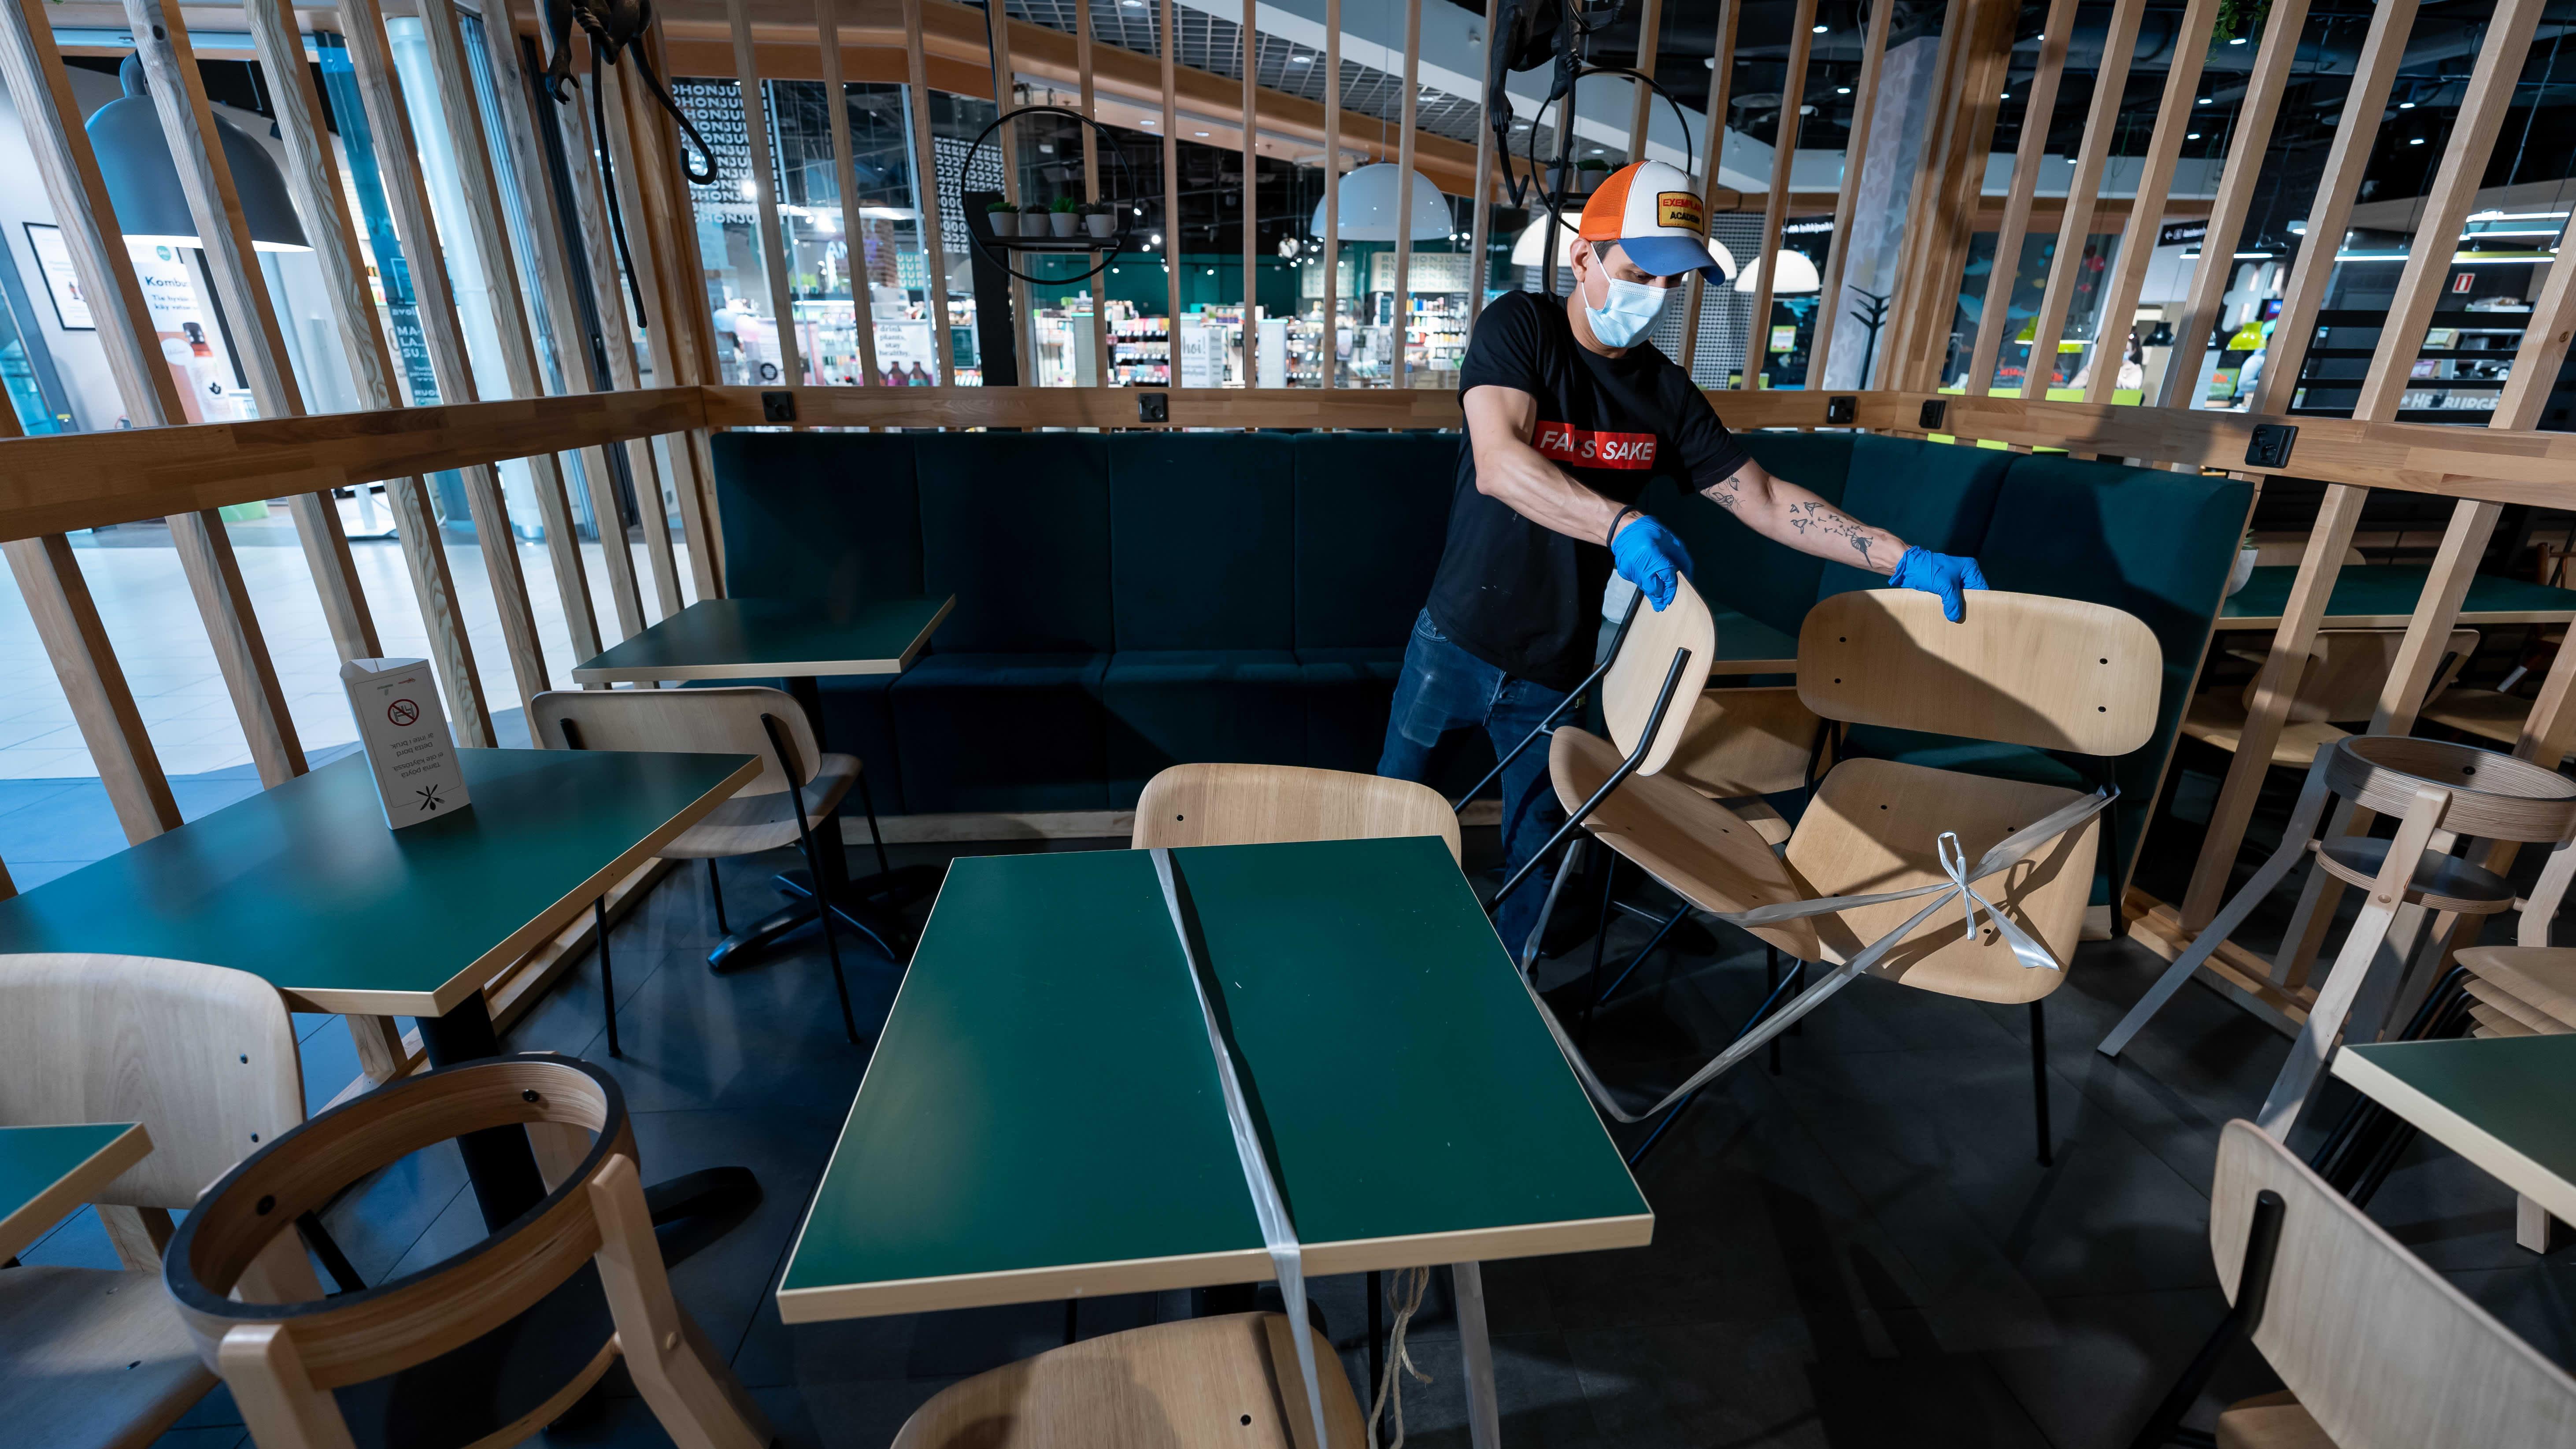 Fafa's ravintolan (HOK-Elanto) liikeideapäällikkö Francisco Merida Garcia järjestämässä ravintolan pöytiä ja tuoleja päivää ennen ravintolan uudelleen avaamista, Kauppakeskus Jumbo, Vantaa, 18.4.2021.